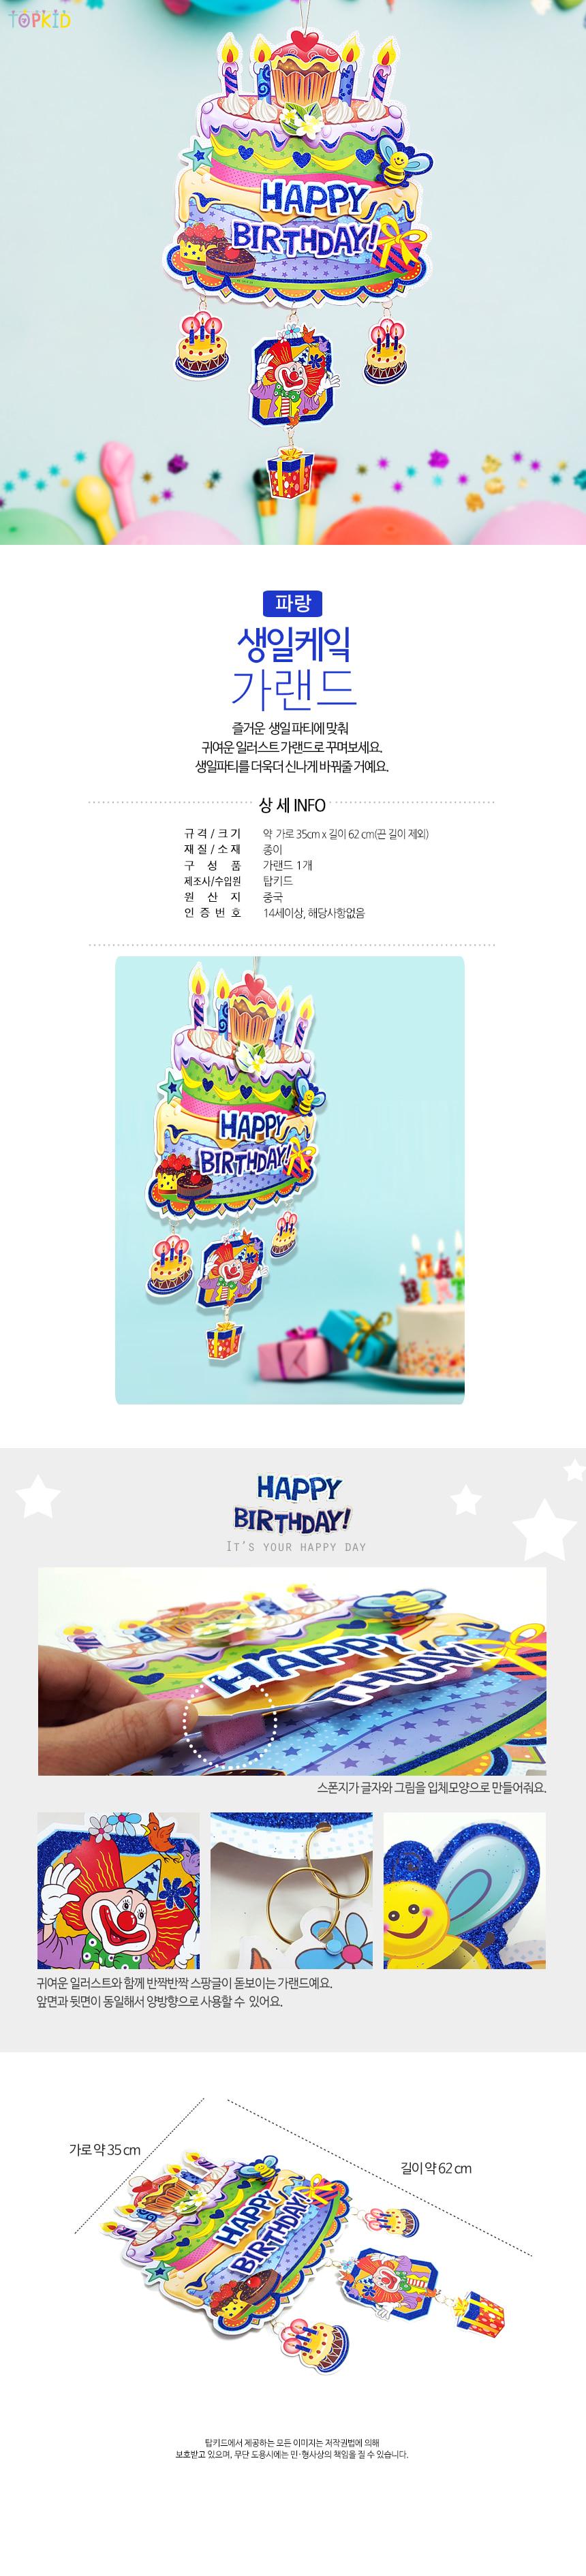 생일 케익 가랜드 파랑 - 탑키드, 3,500원, 파티용품, 데코/장식용품